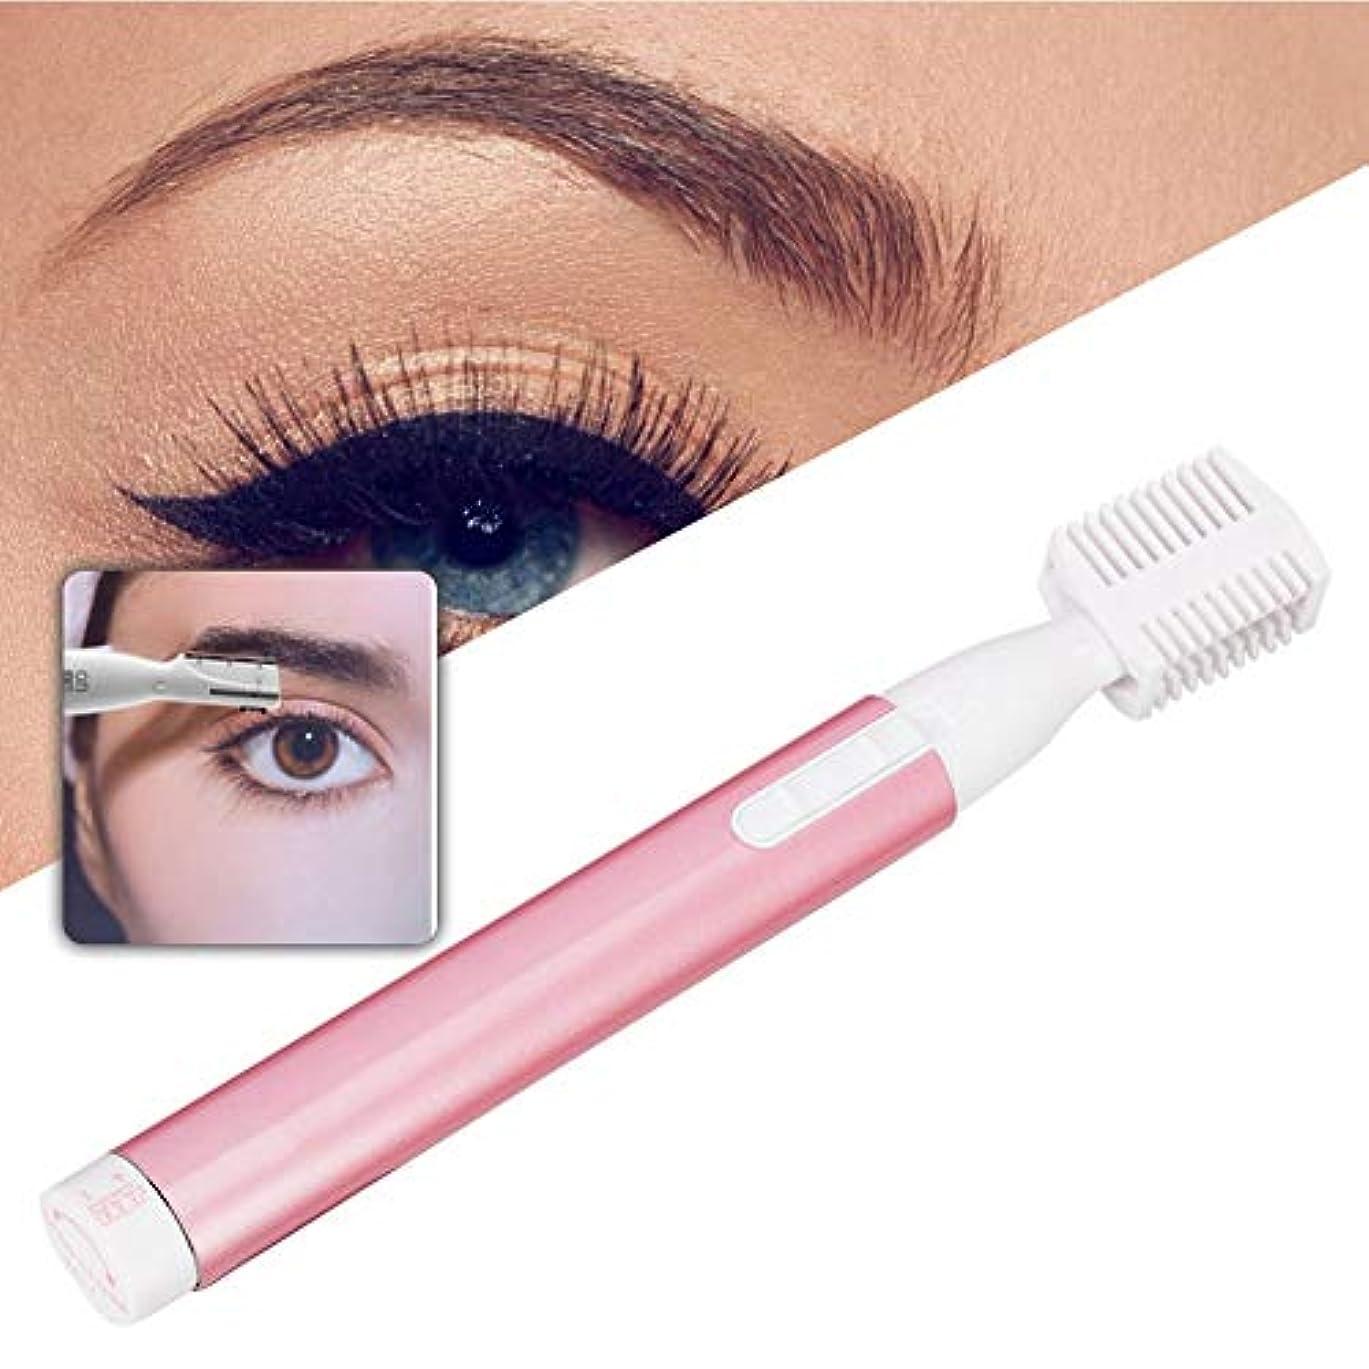 み頻繁に誇大妄想女性 顔の毛の除去剤 携帯用 電気顔 毛の除去剤 眉毛のトリマーシェーバー用具